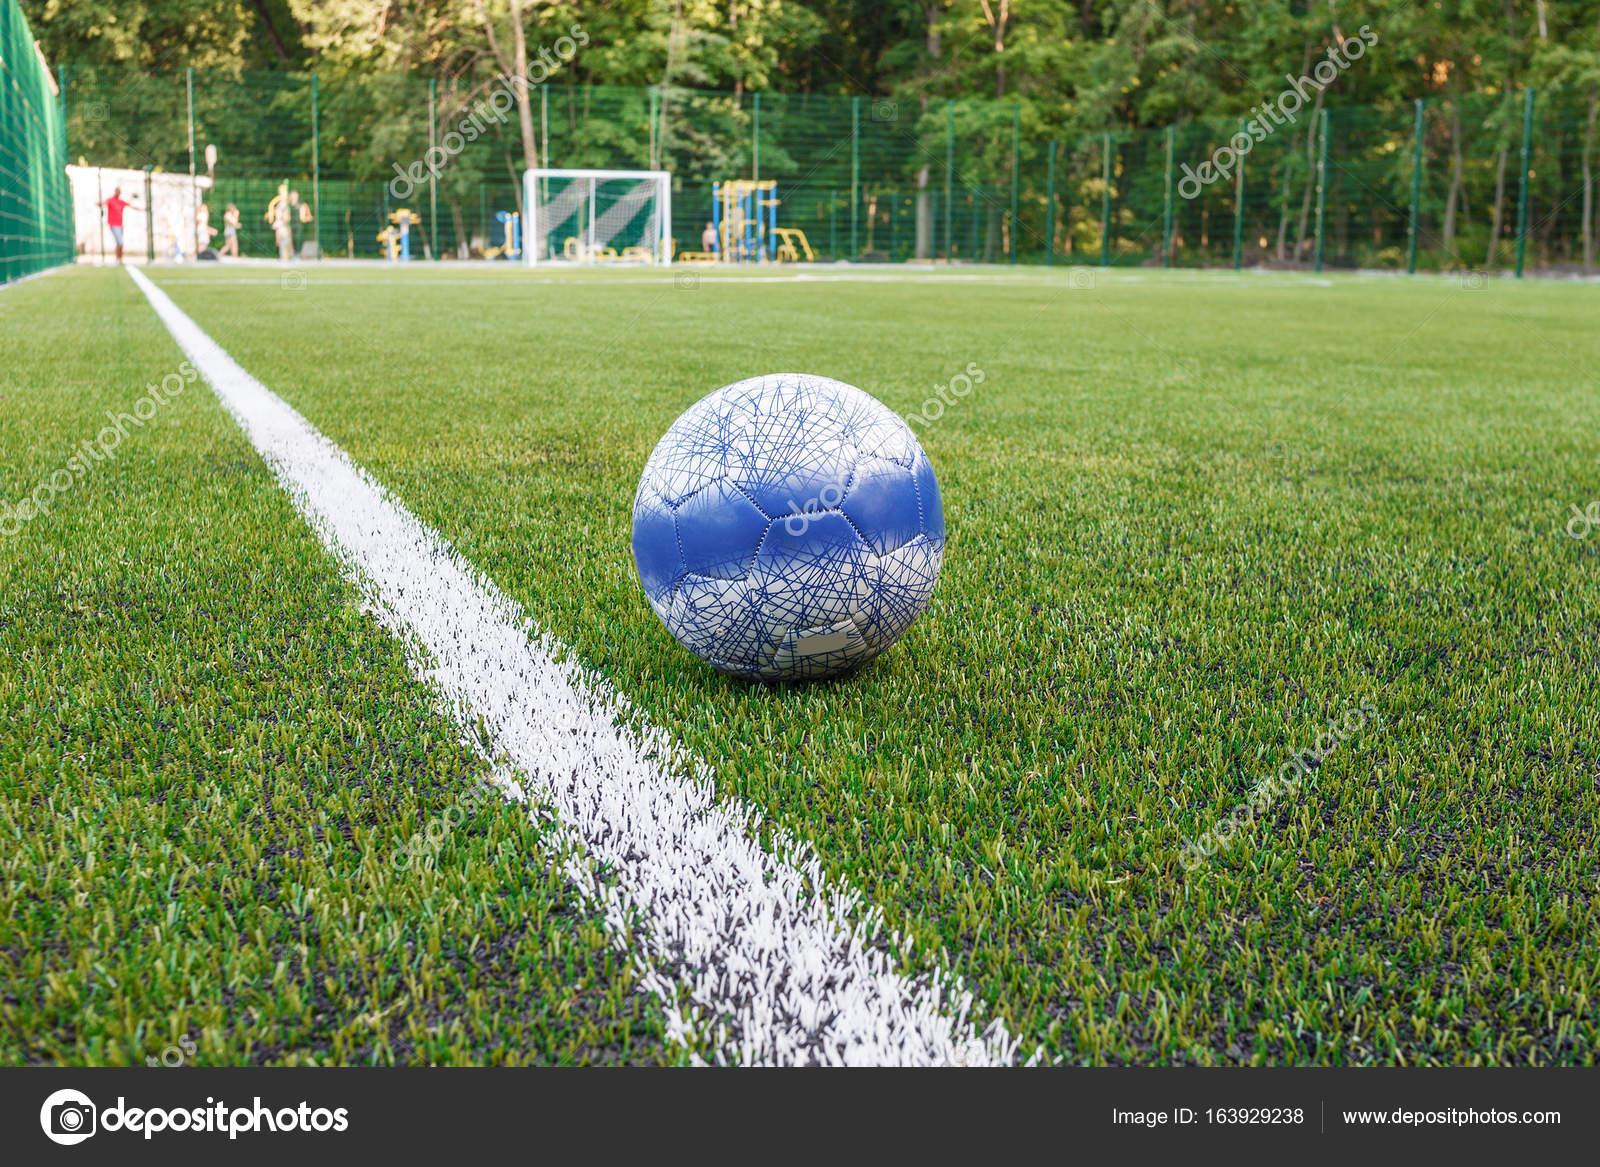 Tappeti Per Bambini Campo Da Calcio : La palla si trova vicino alla linea laterale del campo di calcio